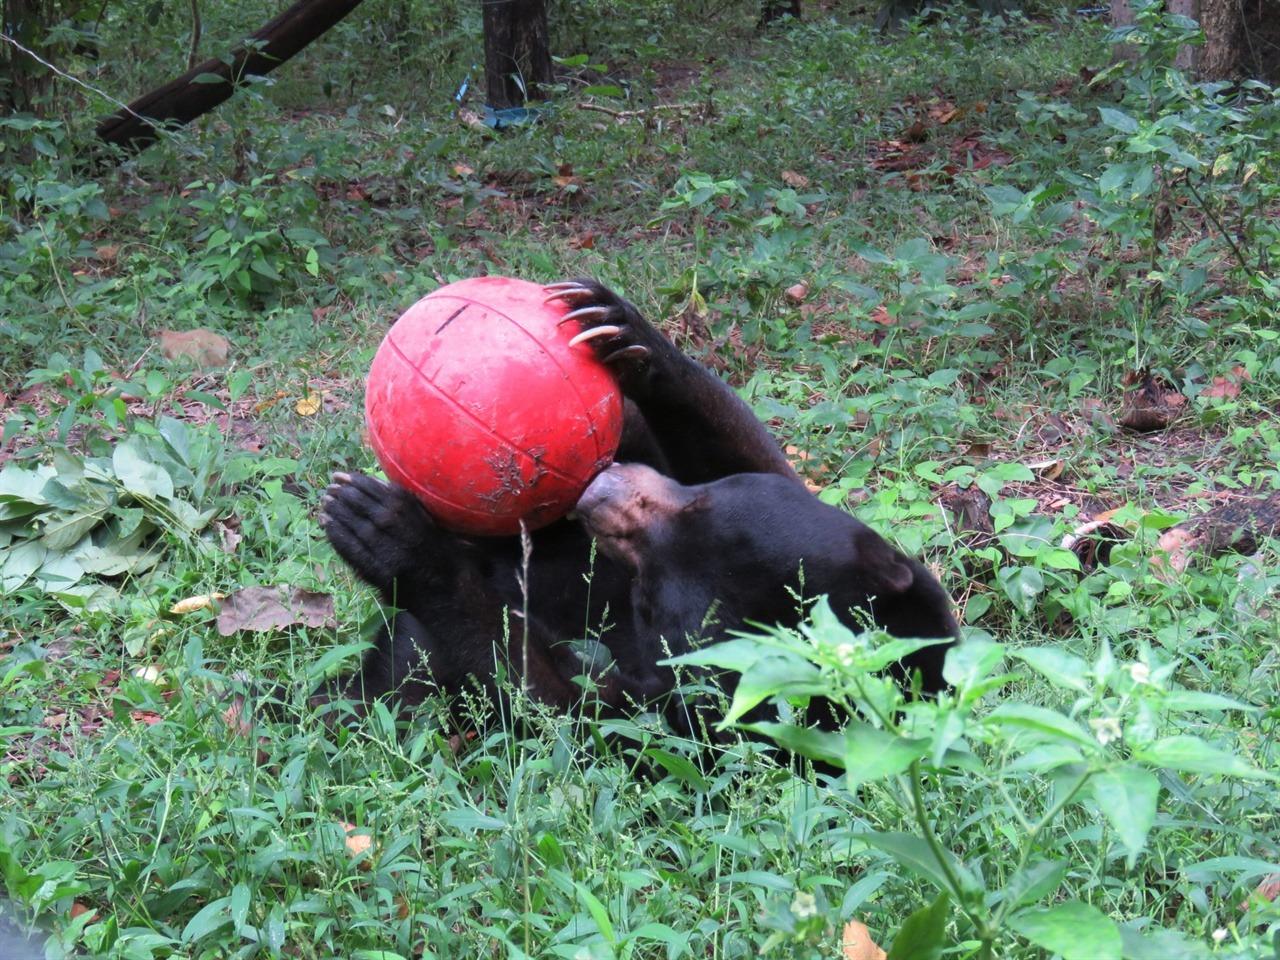 공을 이리저리 굴리며 간식을 빼먹는 태양곰